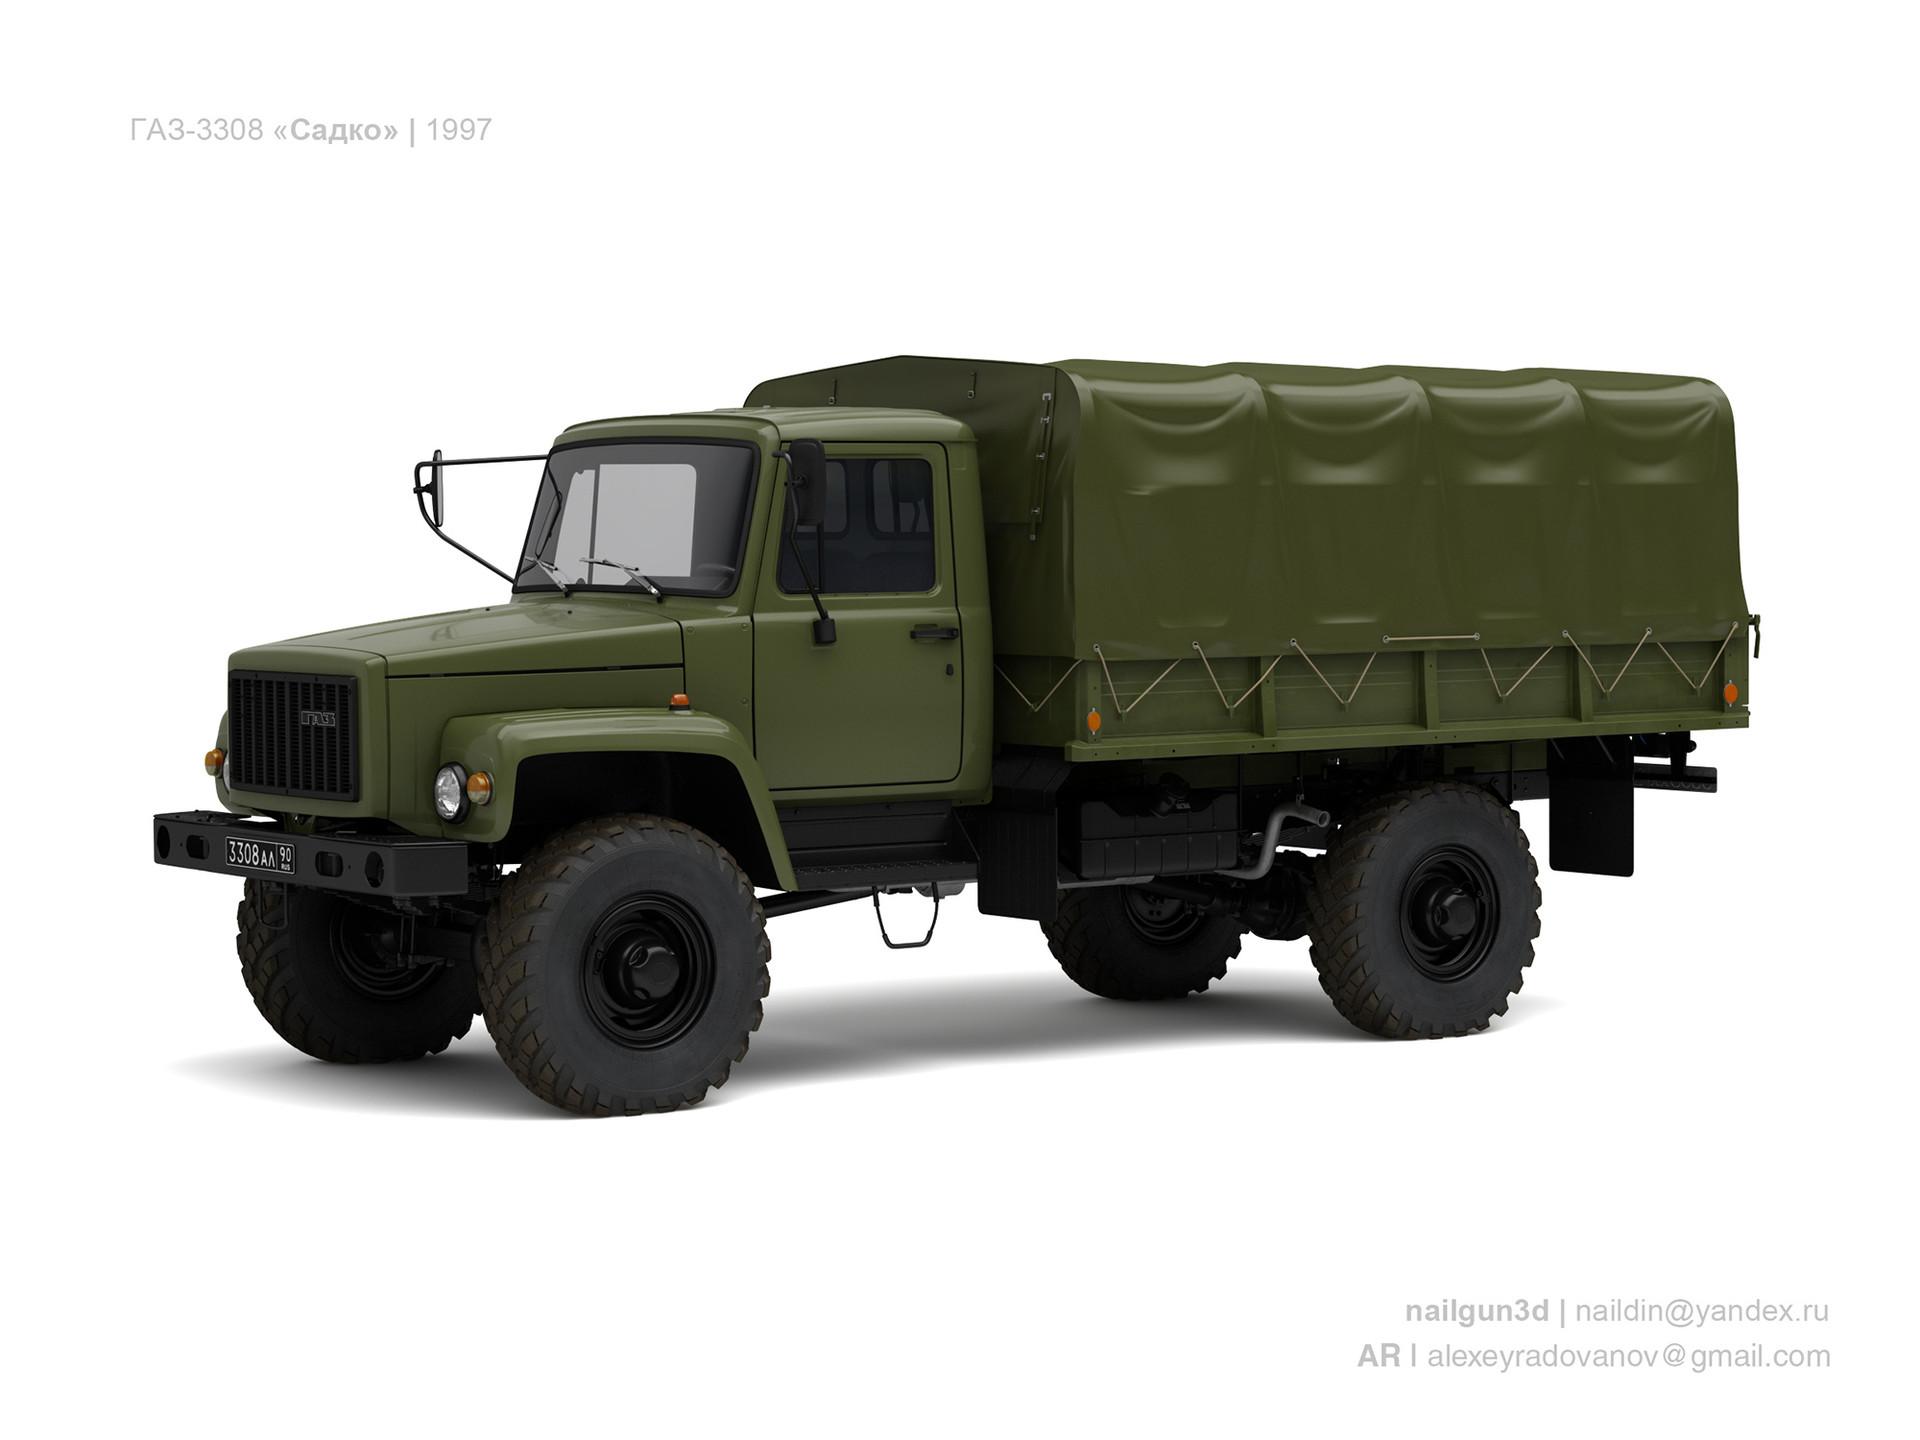 Nail khusnutdinov ussr gaz 3308 sadko 1997 0